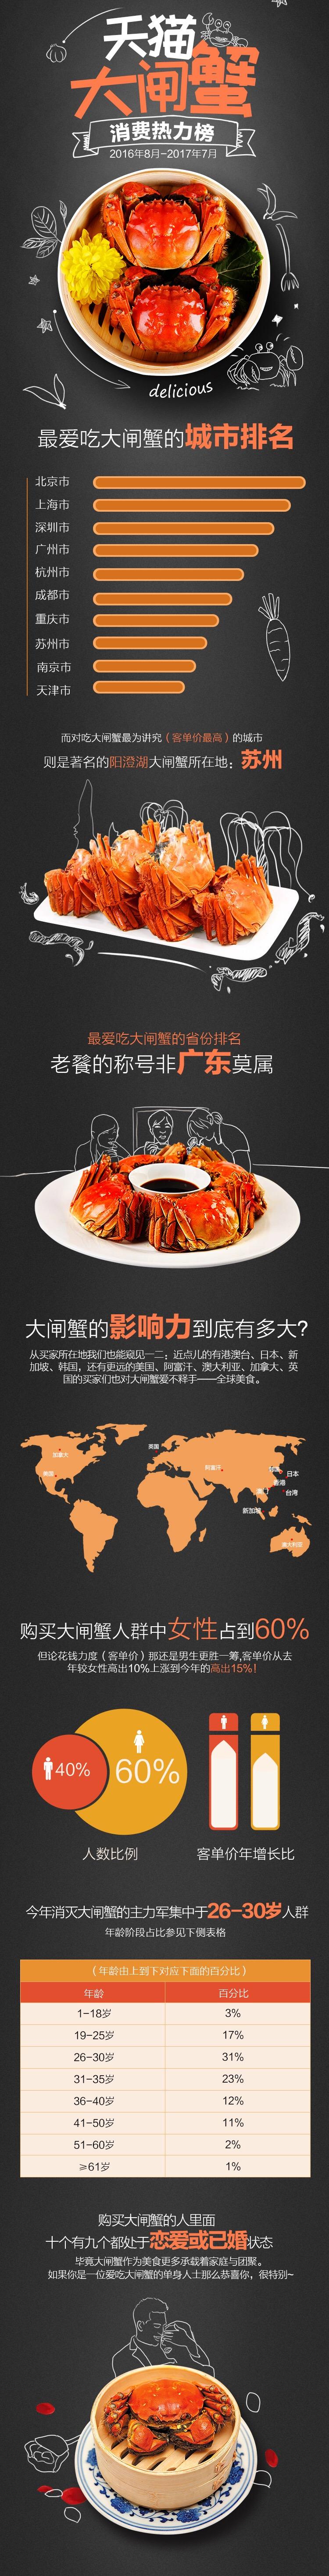 天猫发布大闸蟹消费榜单  8090后大闸蟹消费生力军